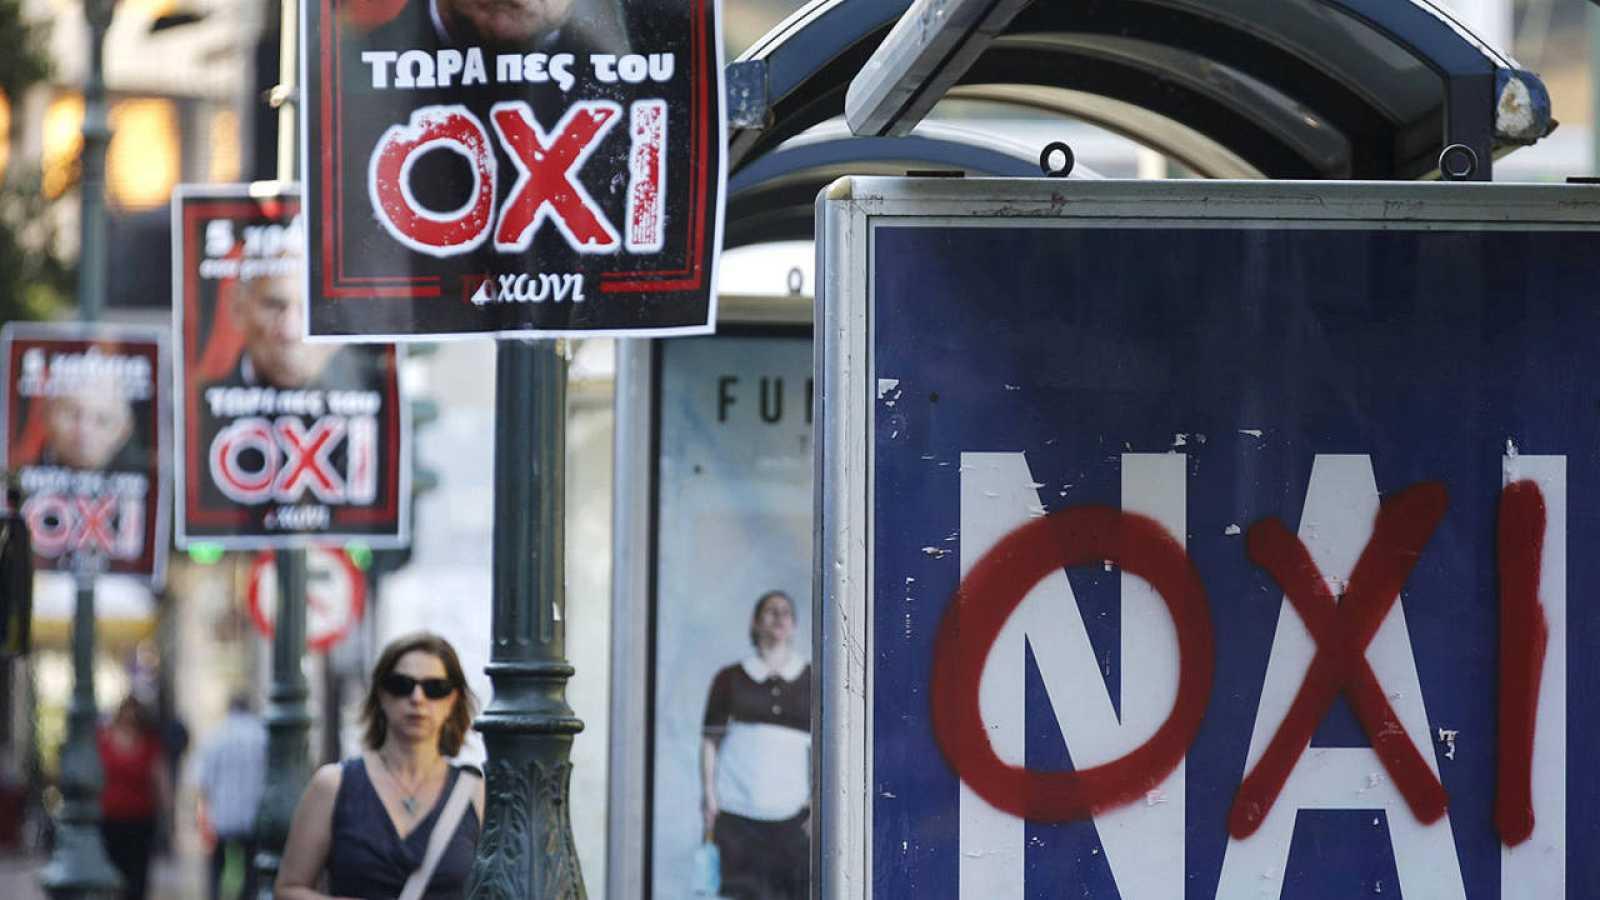 La sociedad griega se muestra muy dividida respecto a la consulta